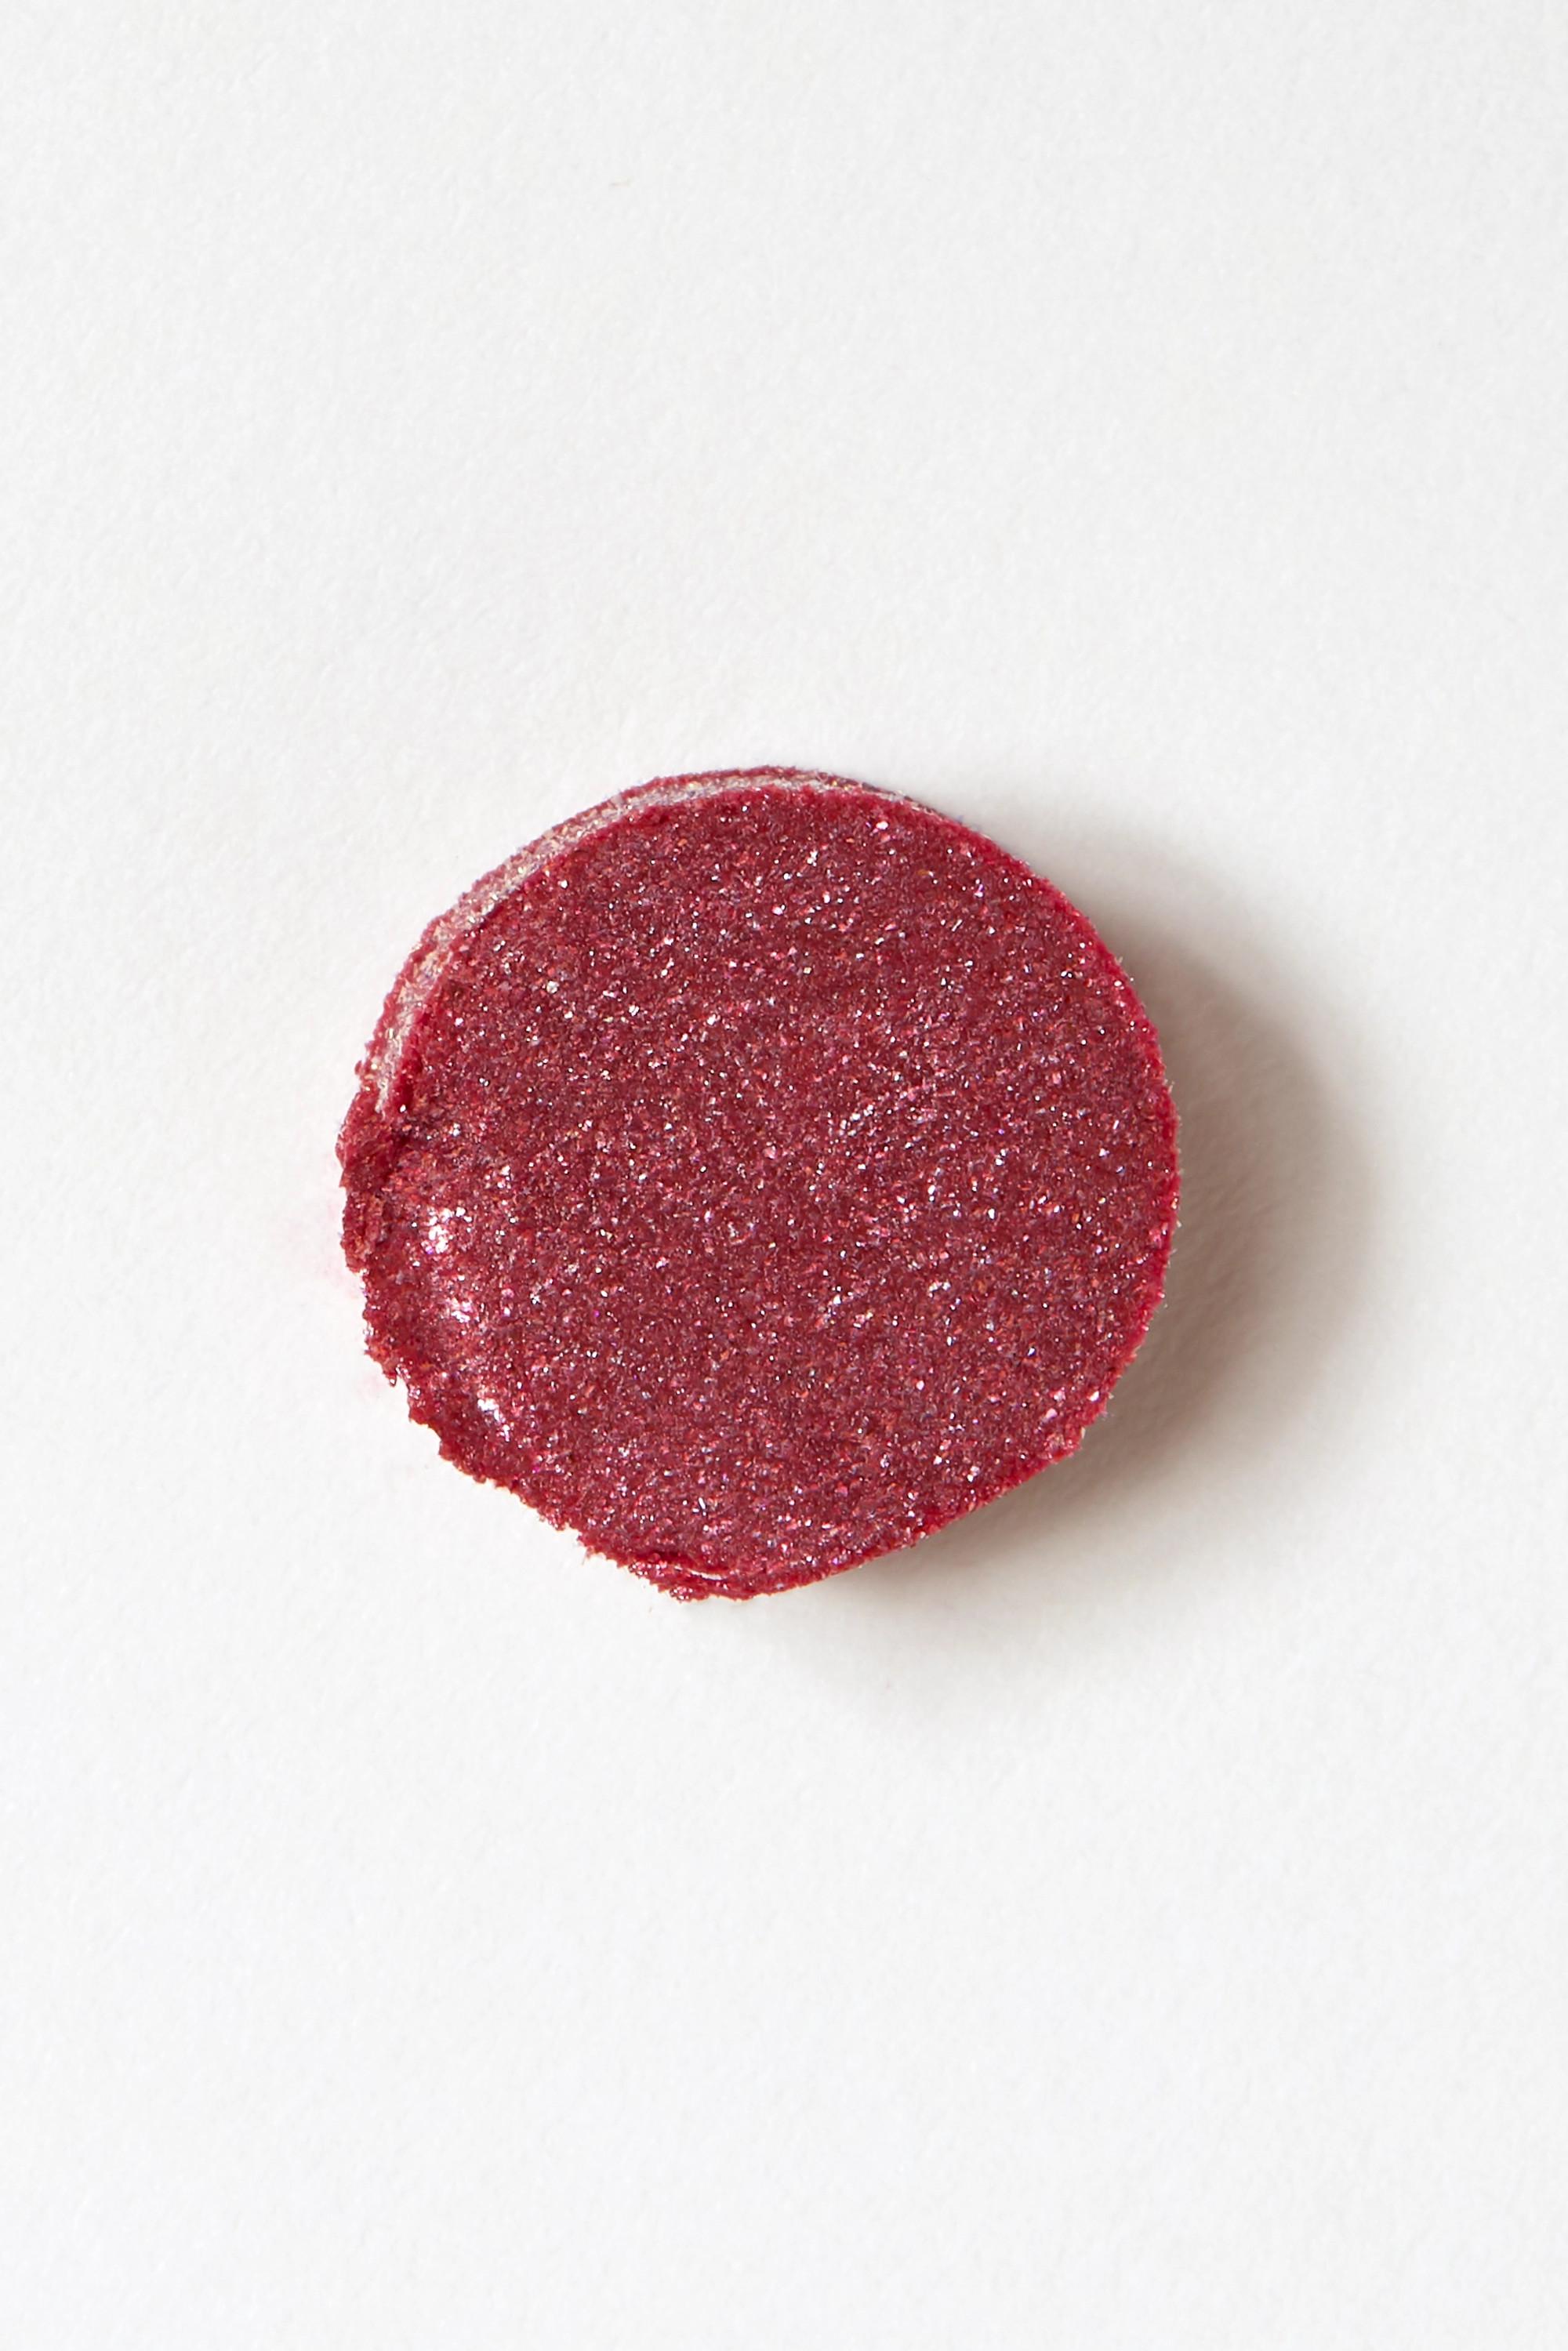 Chantecaille Lip Cristal - Rose Quartz